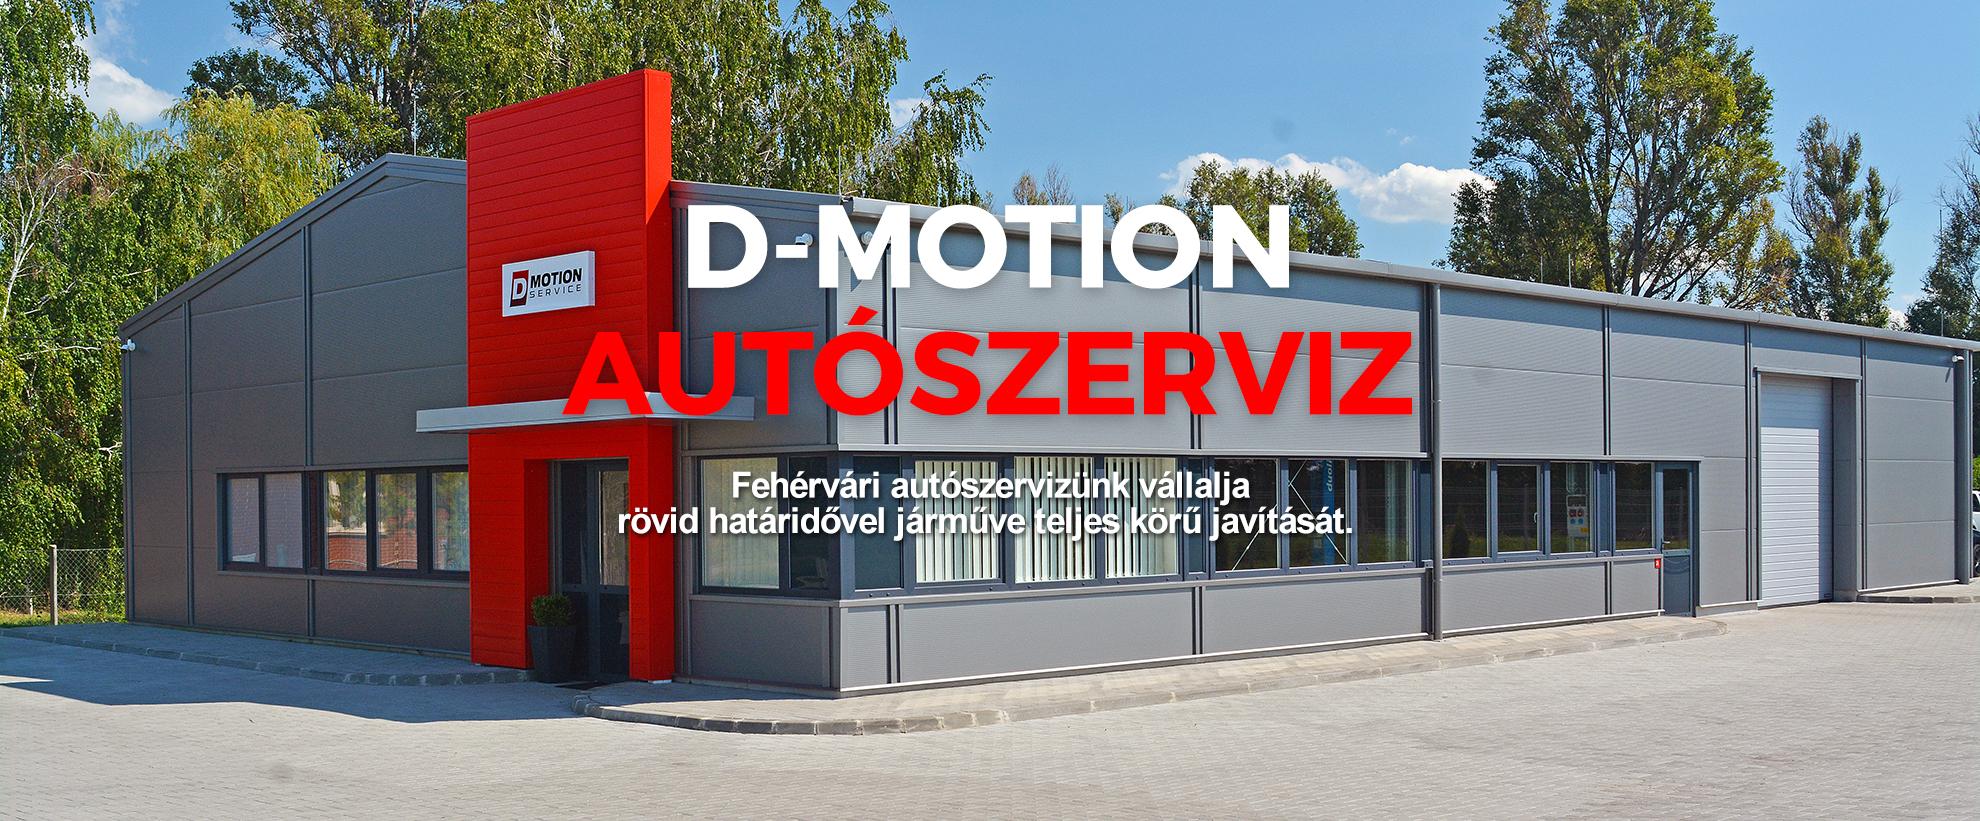 D-Motion Service. Igényes és megbízható autószerviz Székesfehérváron!